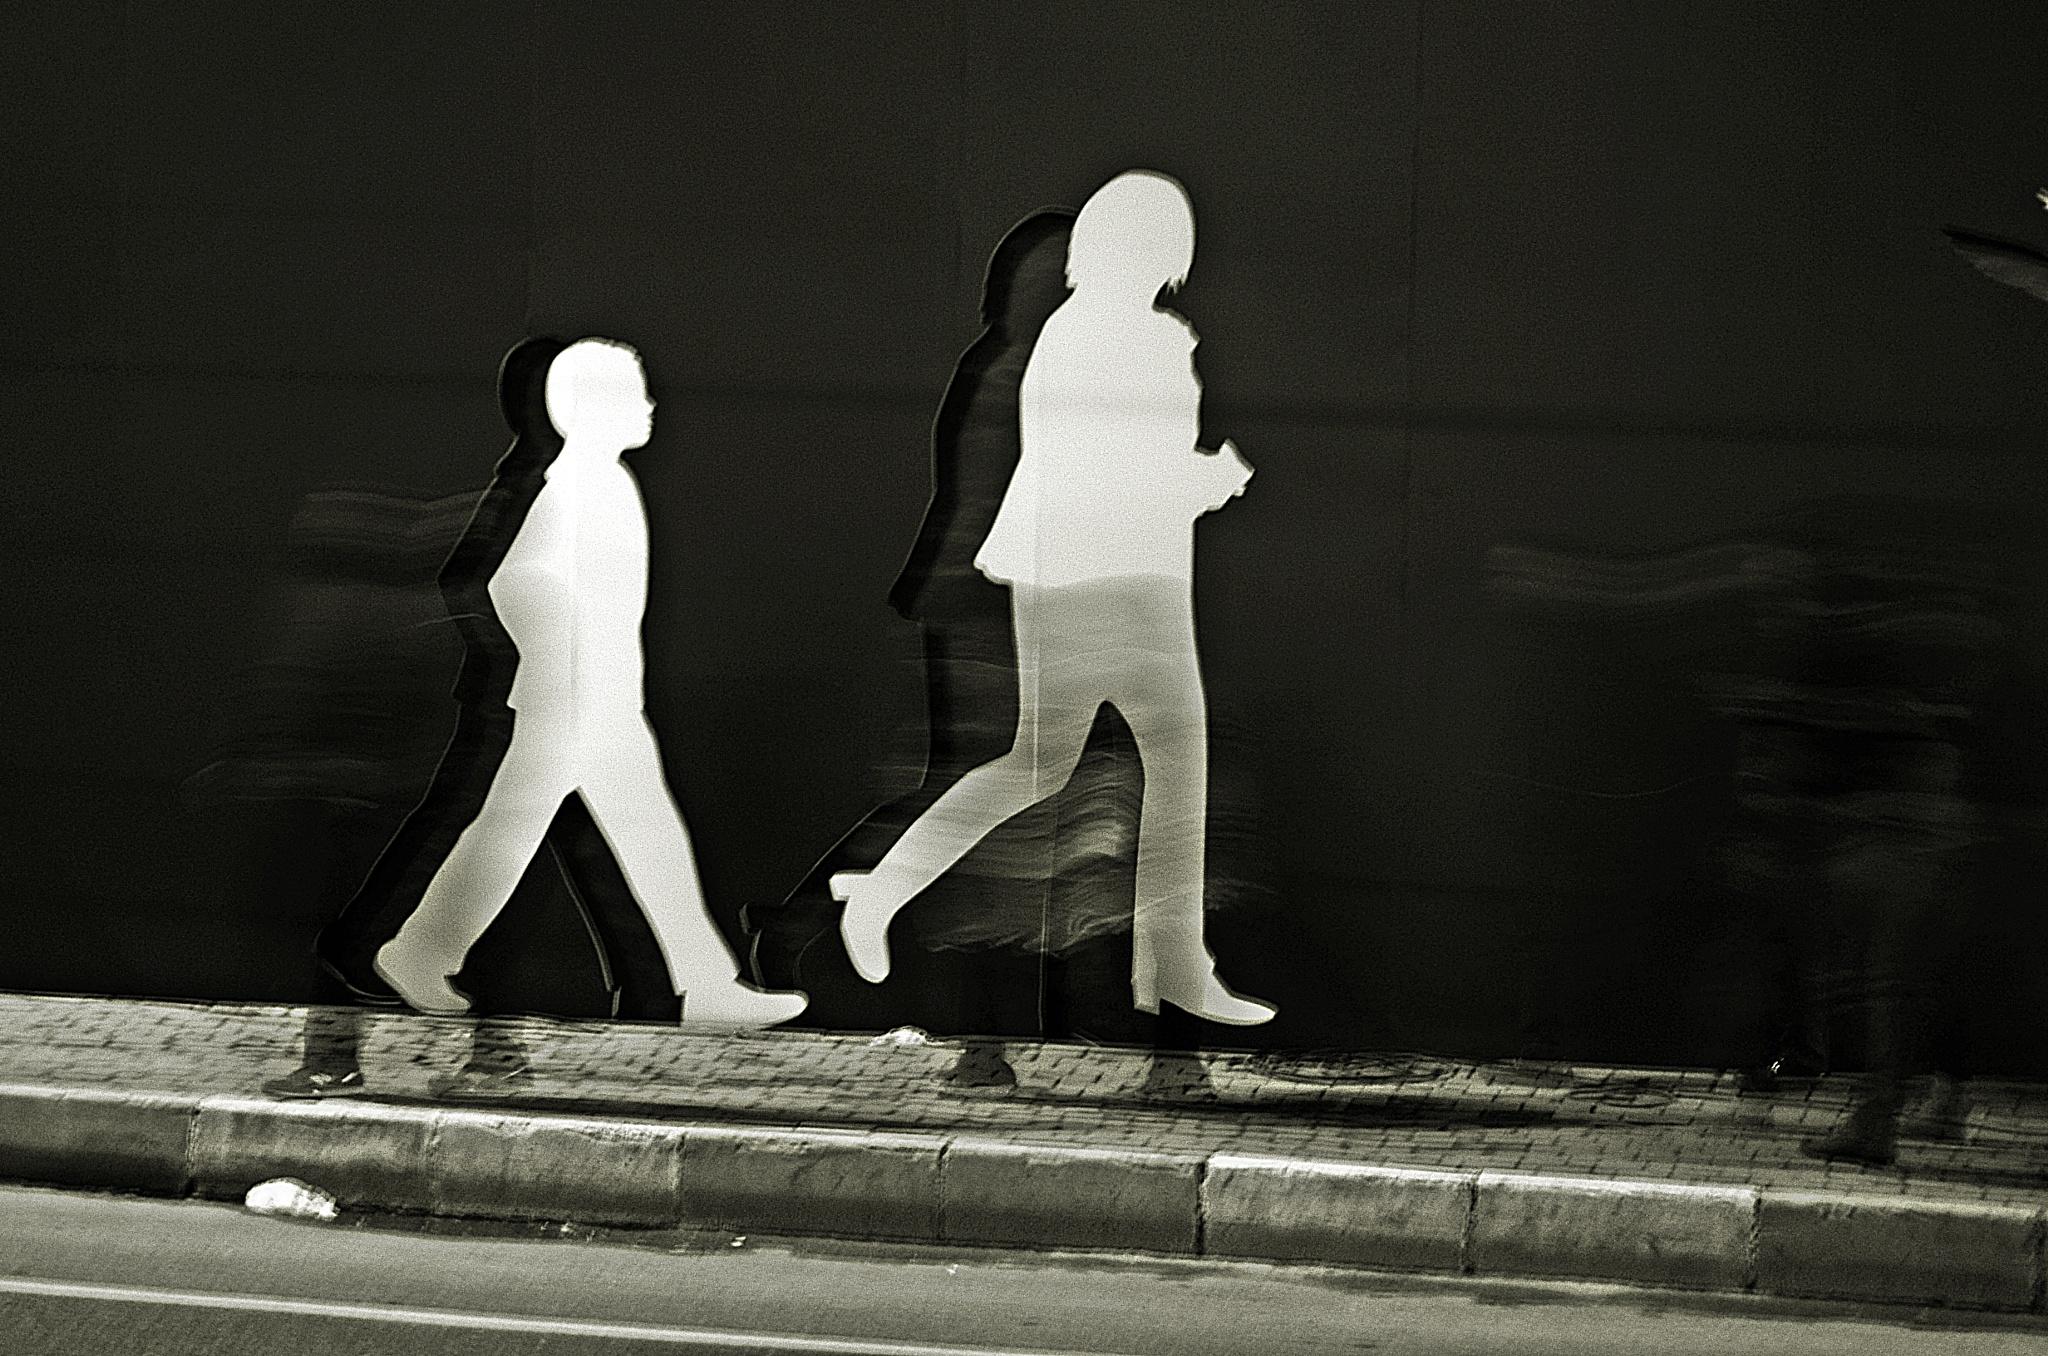 Gidiş dönüş by Demet Alper